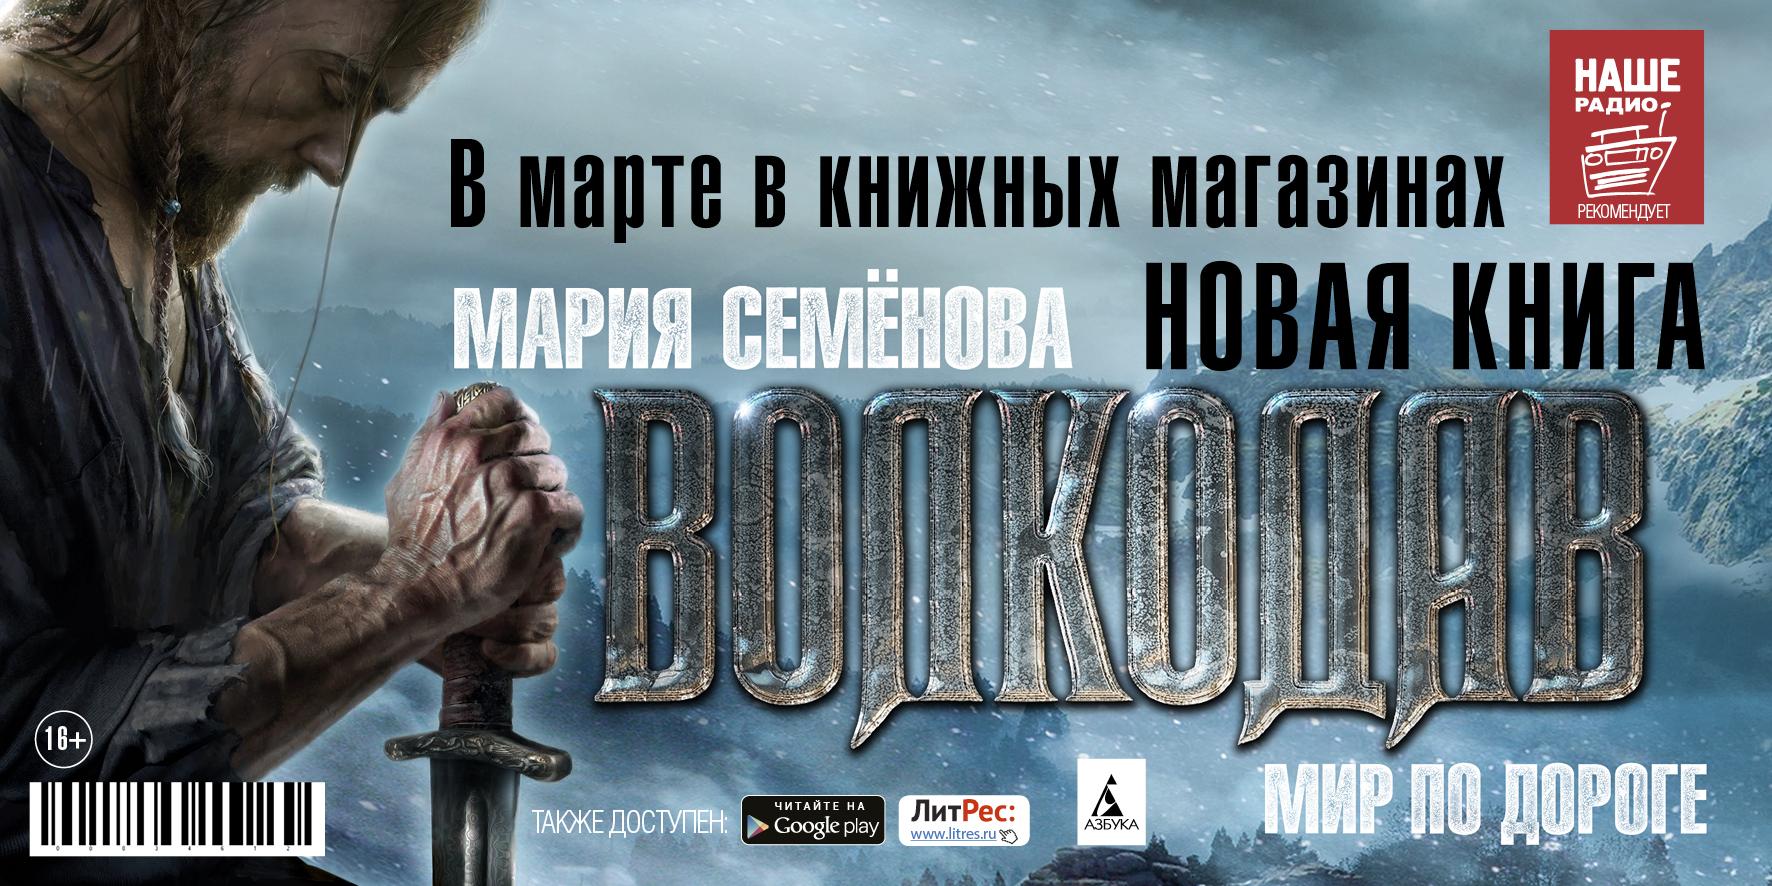 Volkodav_stiker